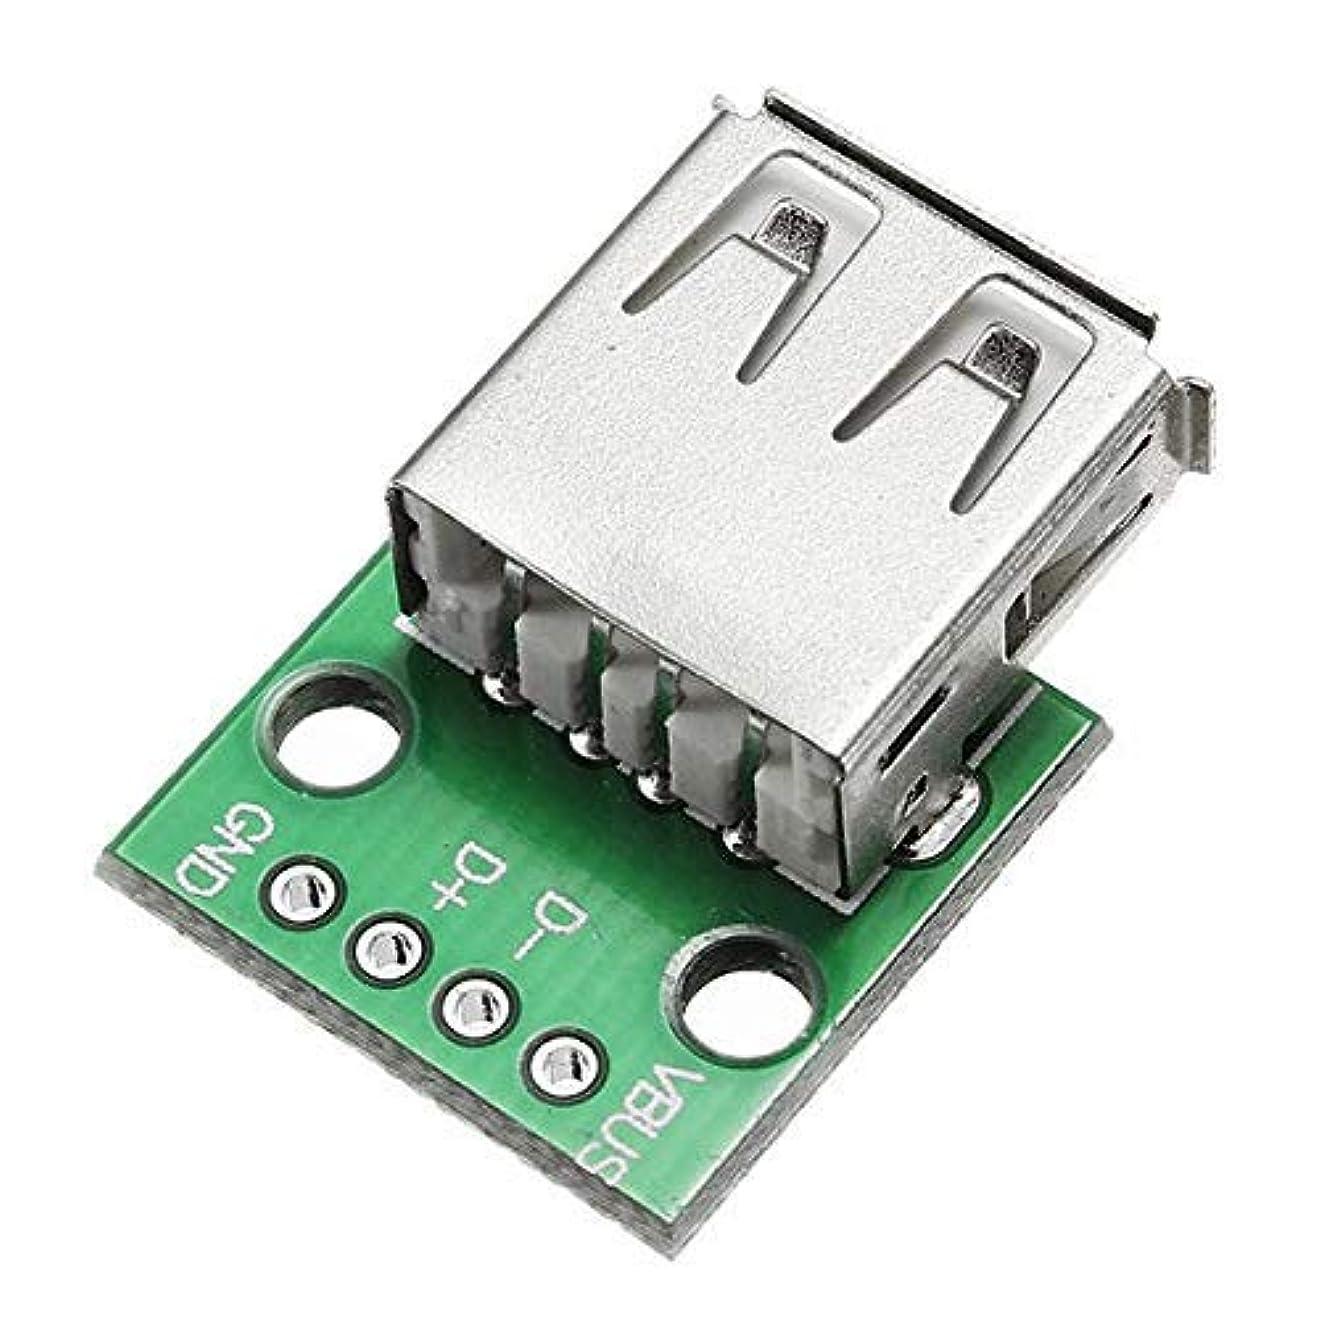 メンター組み合わせる霊ZWH-ZWH 10個のDIP 2.54ミリメートルピン4P TOのUSB 2.0女性の頭ソケットアダプタボードスポットSteuermodul 電気板